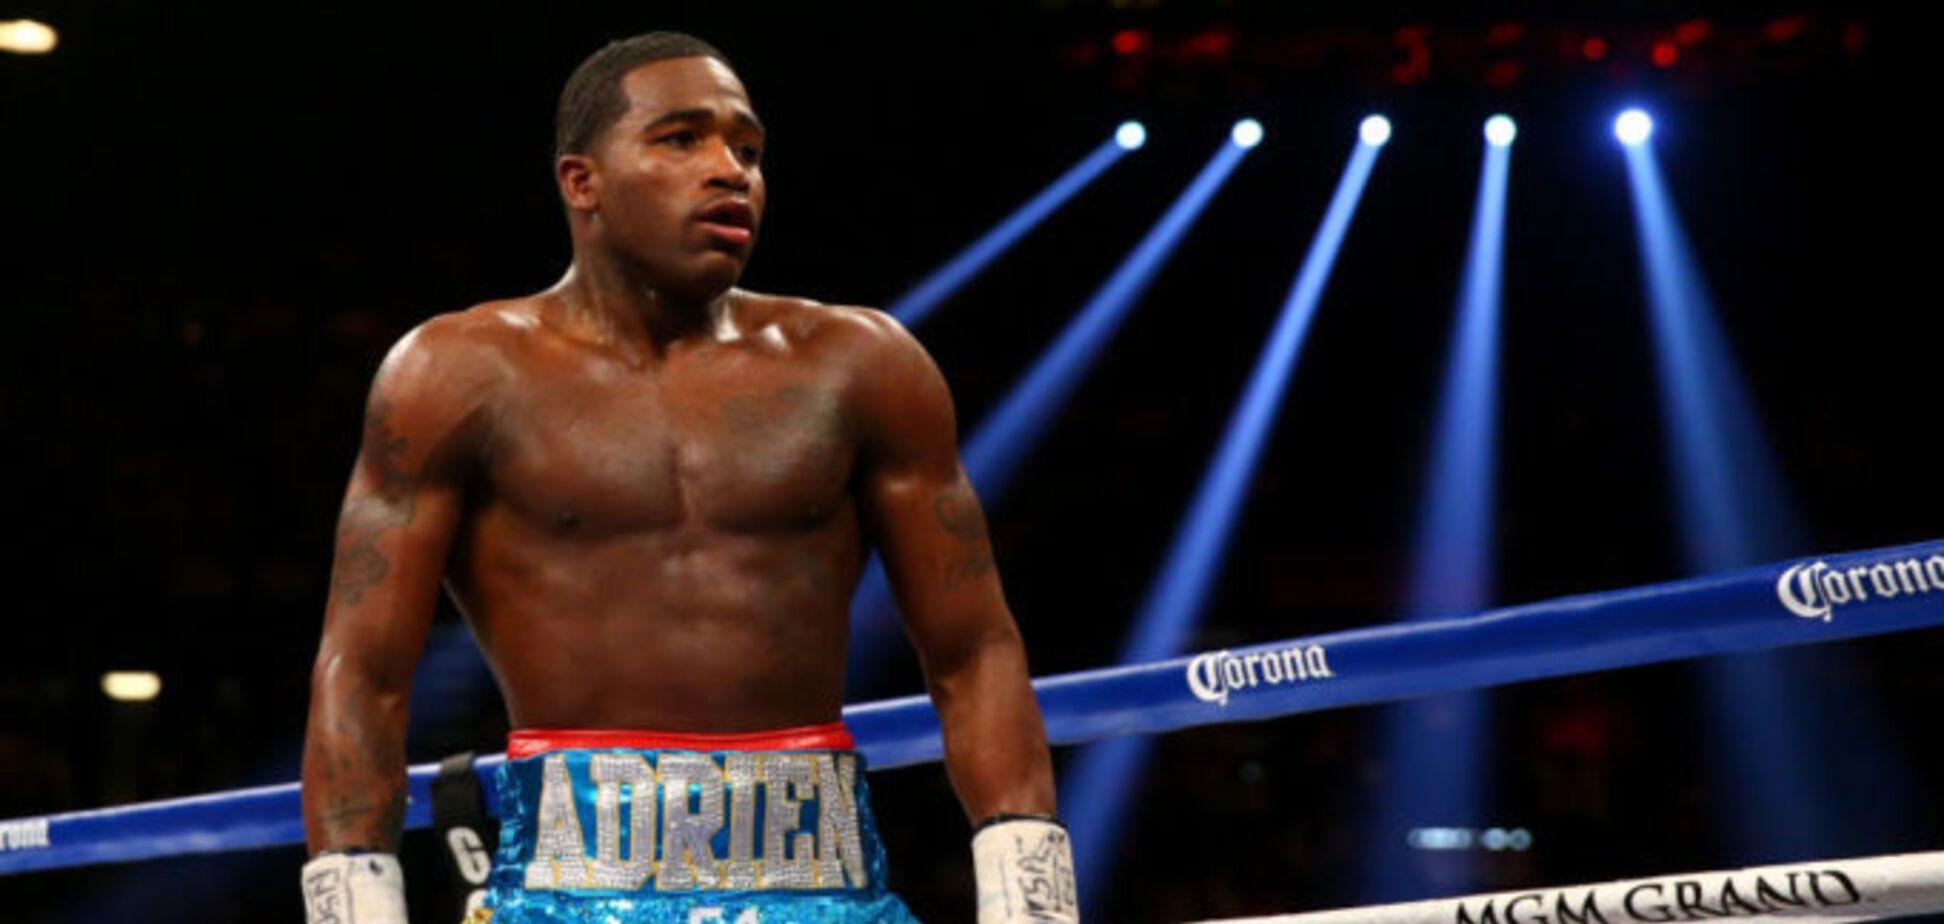 Екс-чемпіона світу з боксу оголосили в розшук